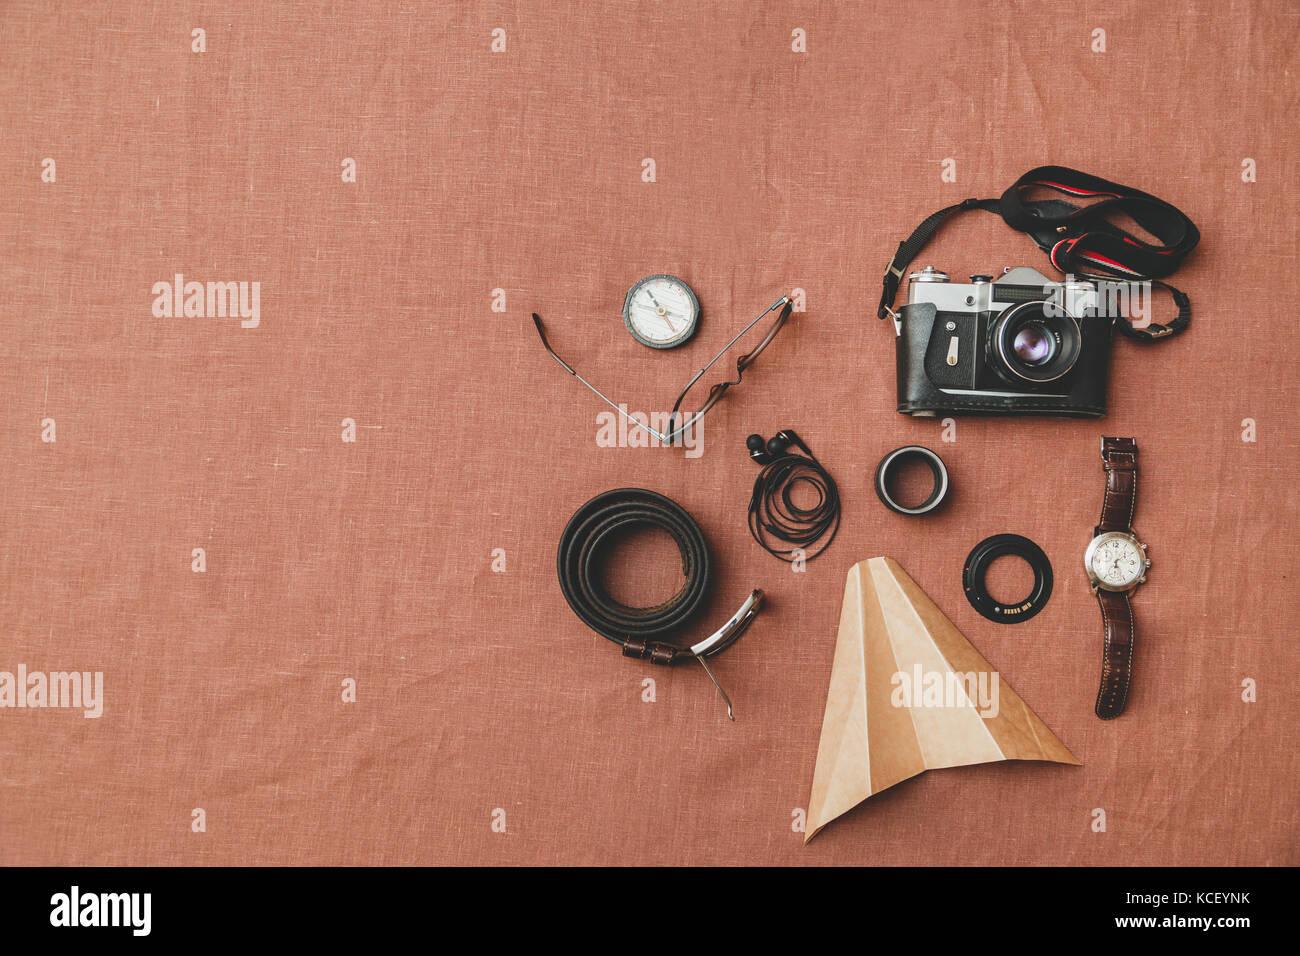 Accessoires pour hommes, ceinture, lunettes, porte-monnaie, watch, écouteurs, l'appareil photo Photo Stock